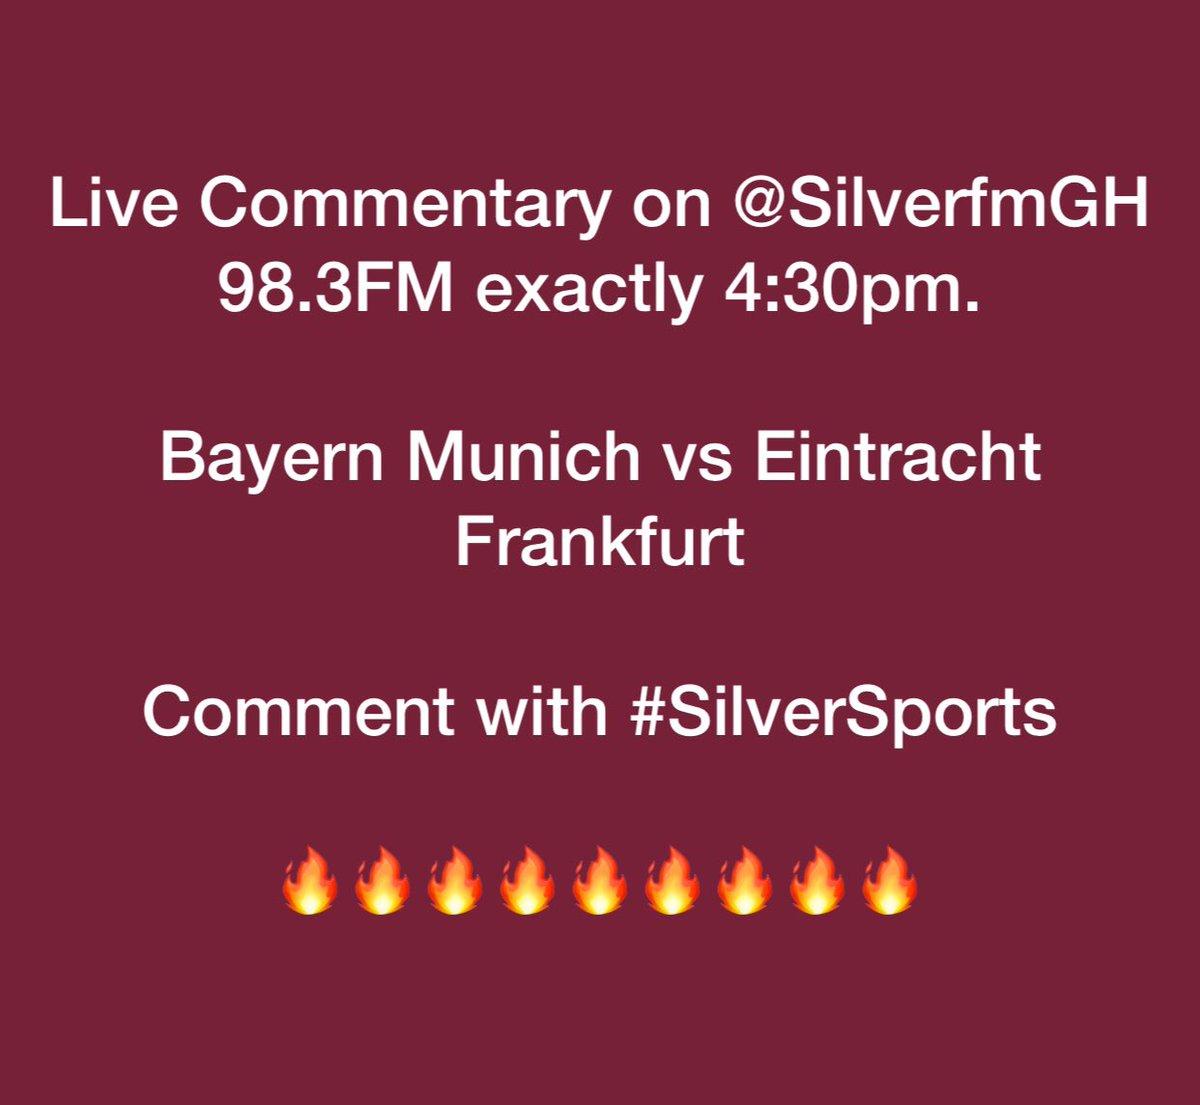 Listen LiVE Online Via https://t.co/ChLVsGVw7i #SilverSports https://t.co/G4vOAXk3ds